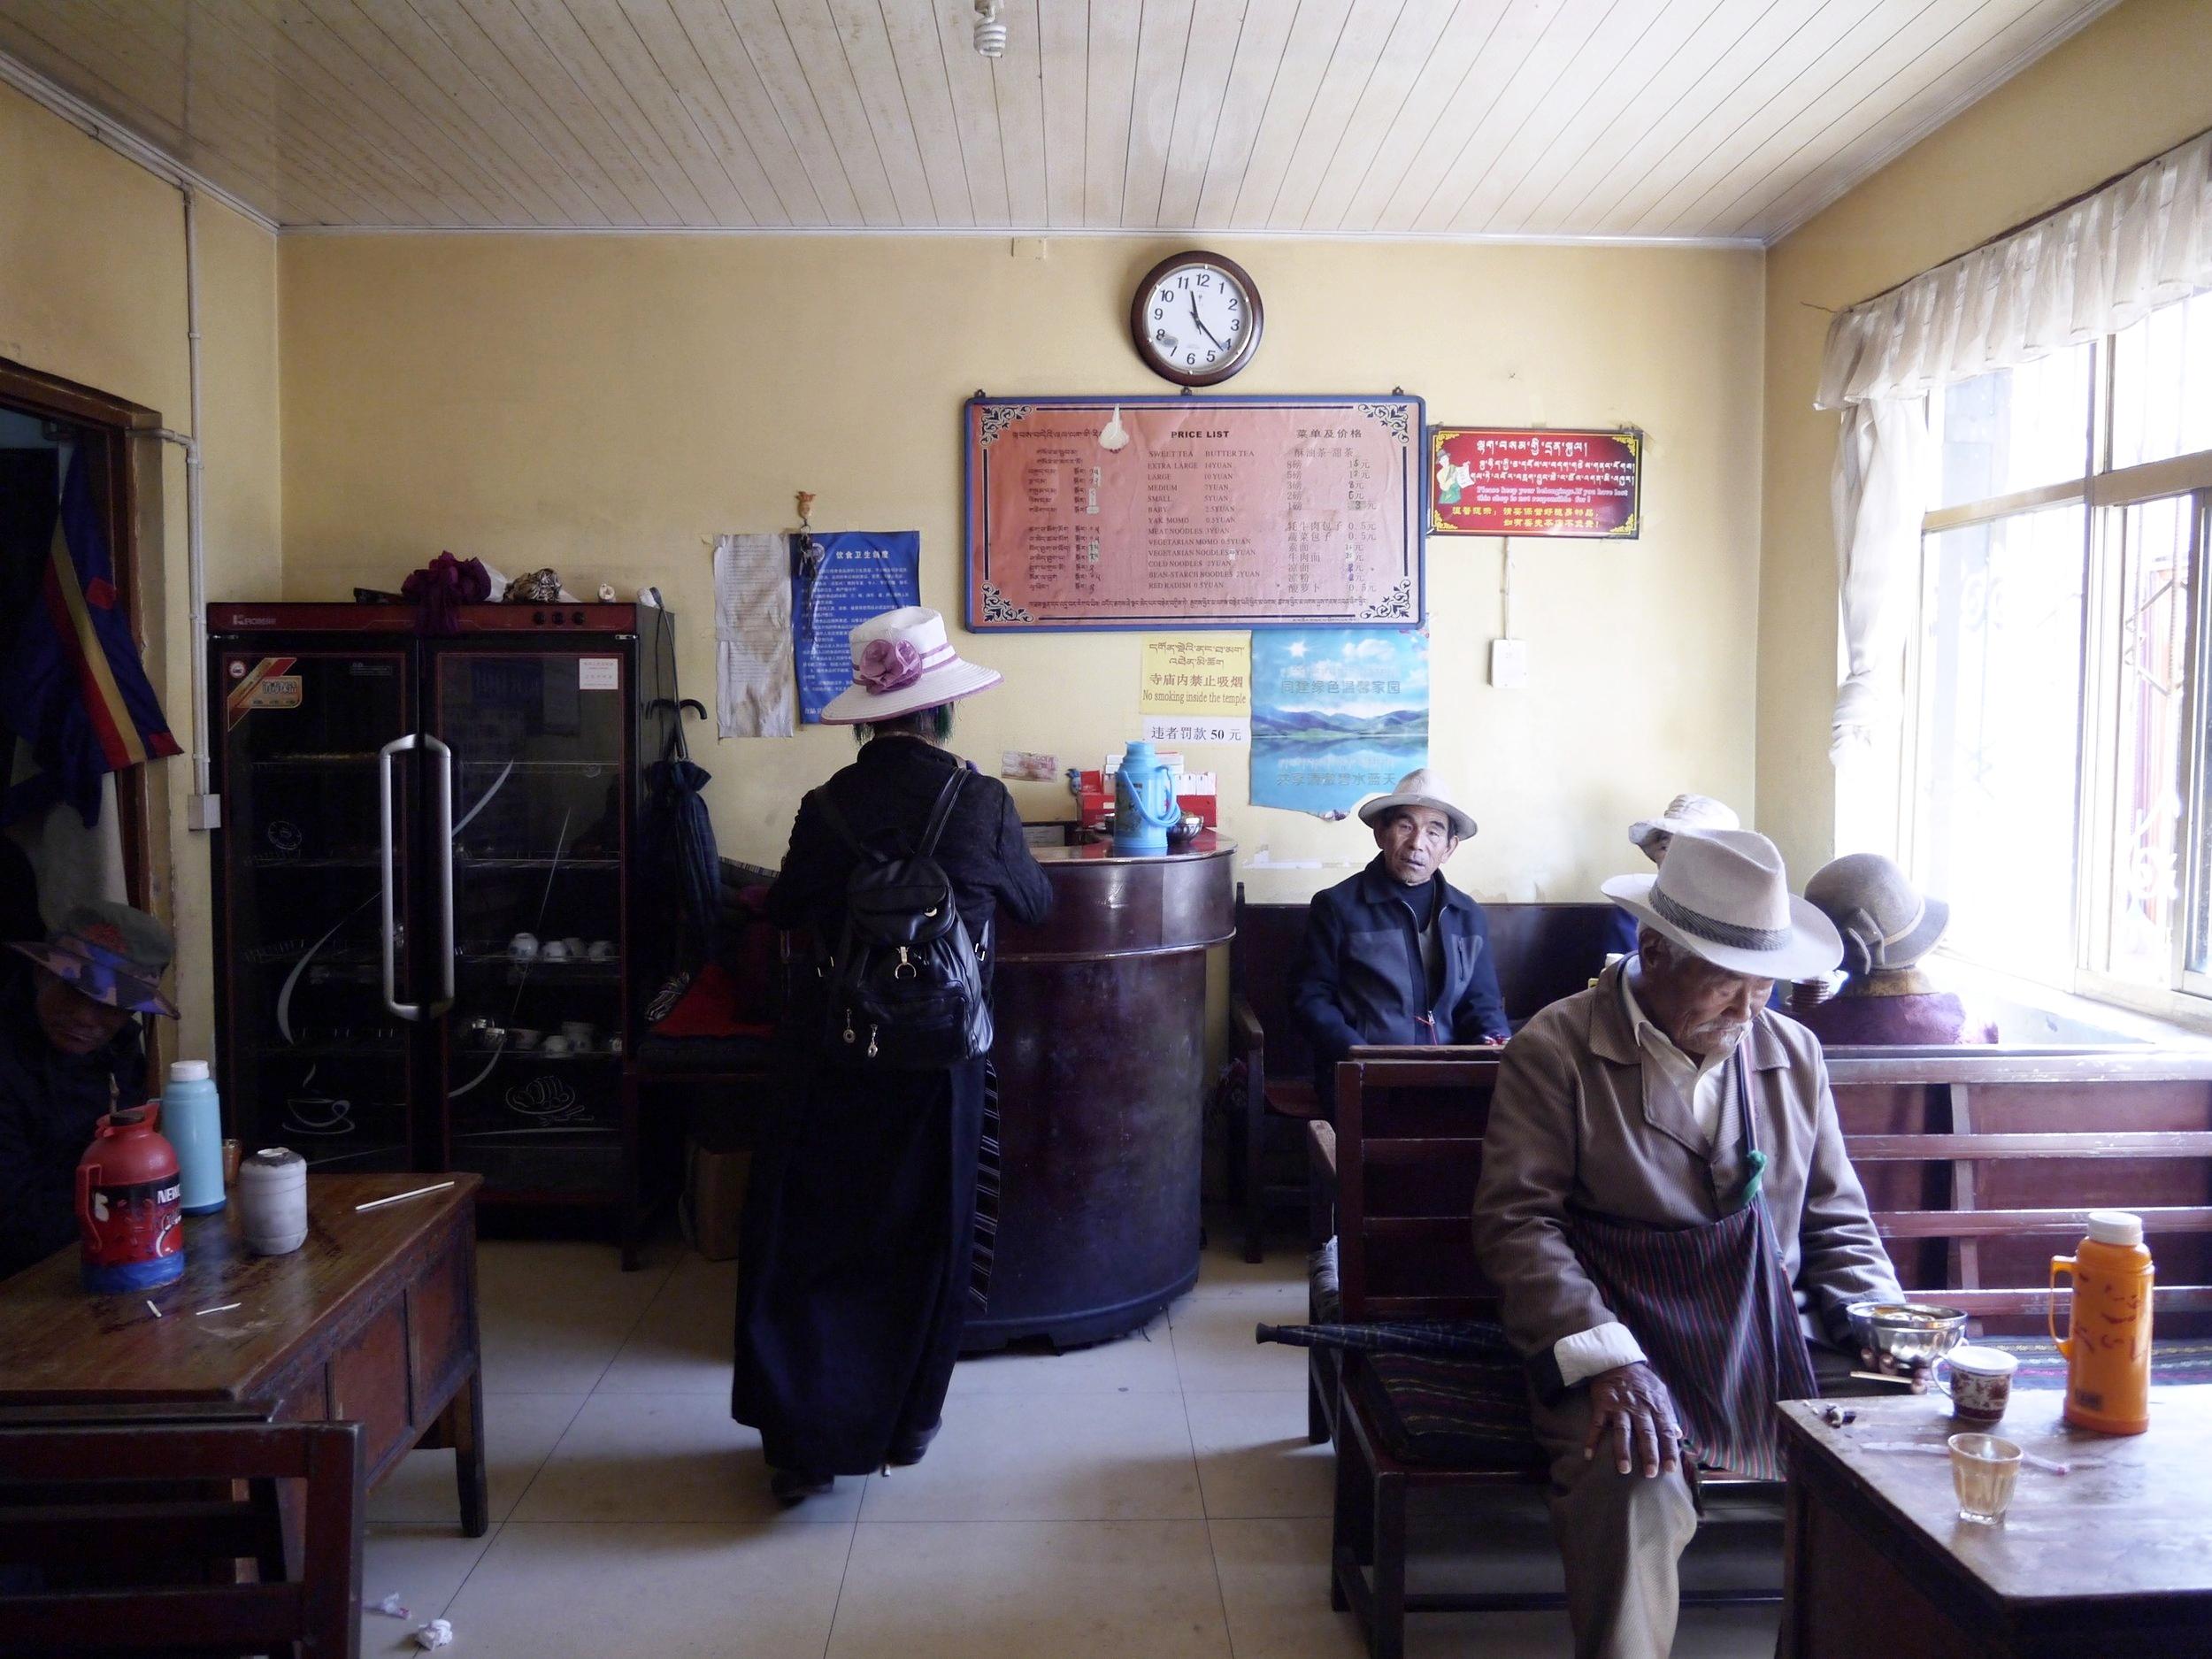 仓姑寺茶馆 I 进来后先是indoor的座位,坐在里头的藏人让人感到仿佛进入另一个世界